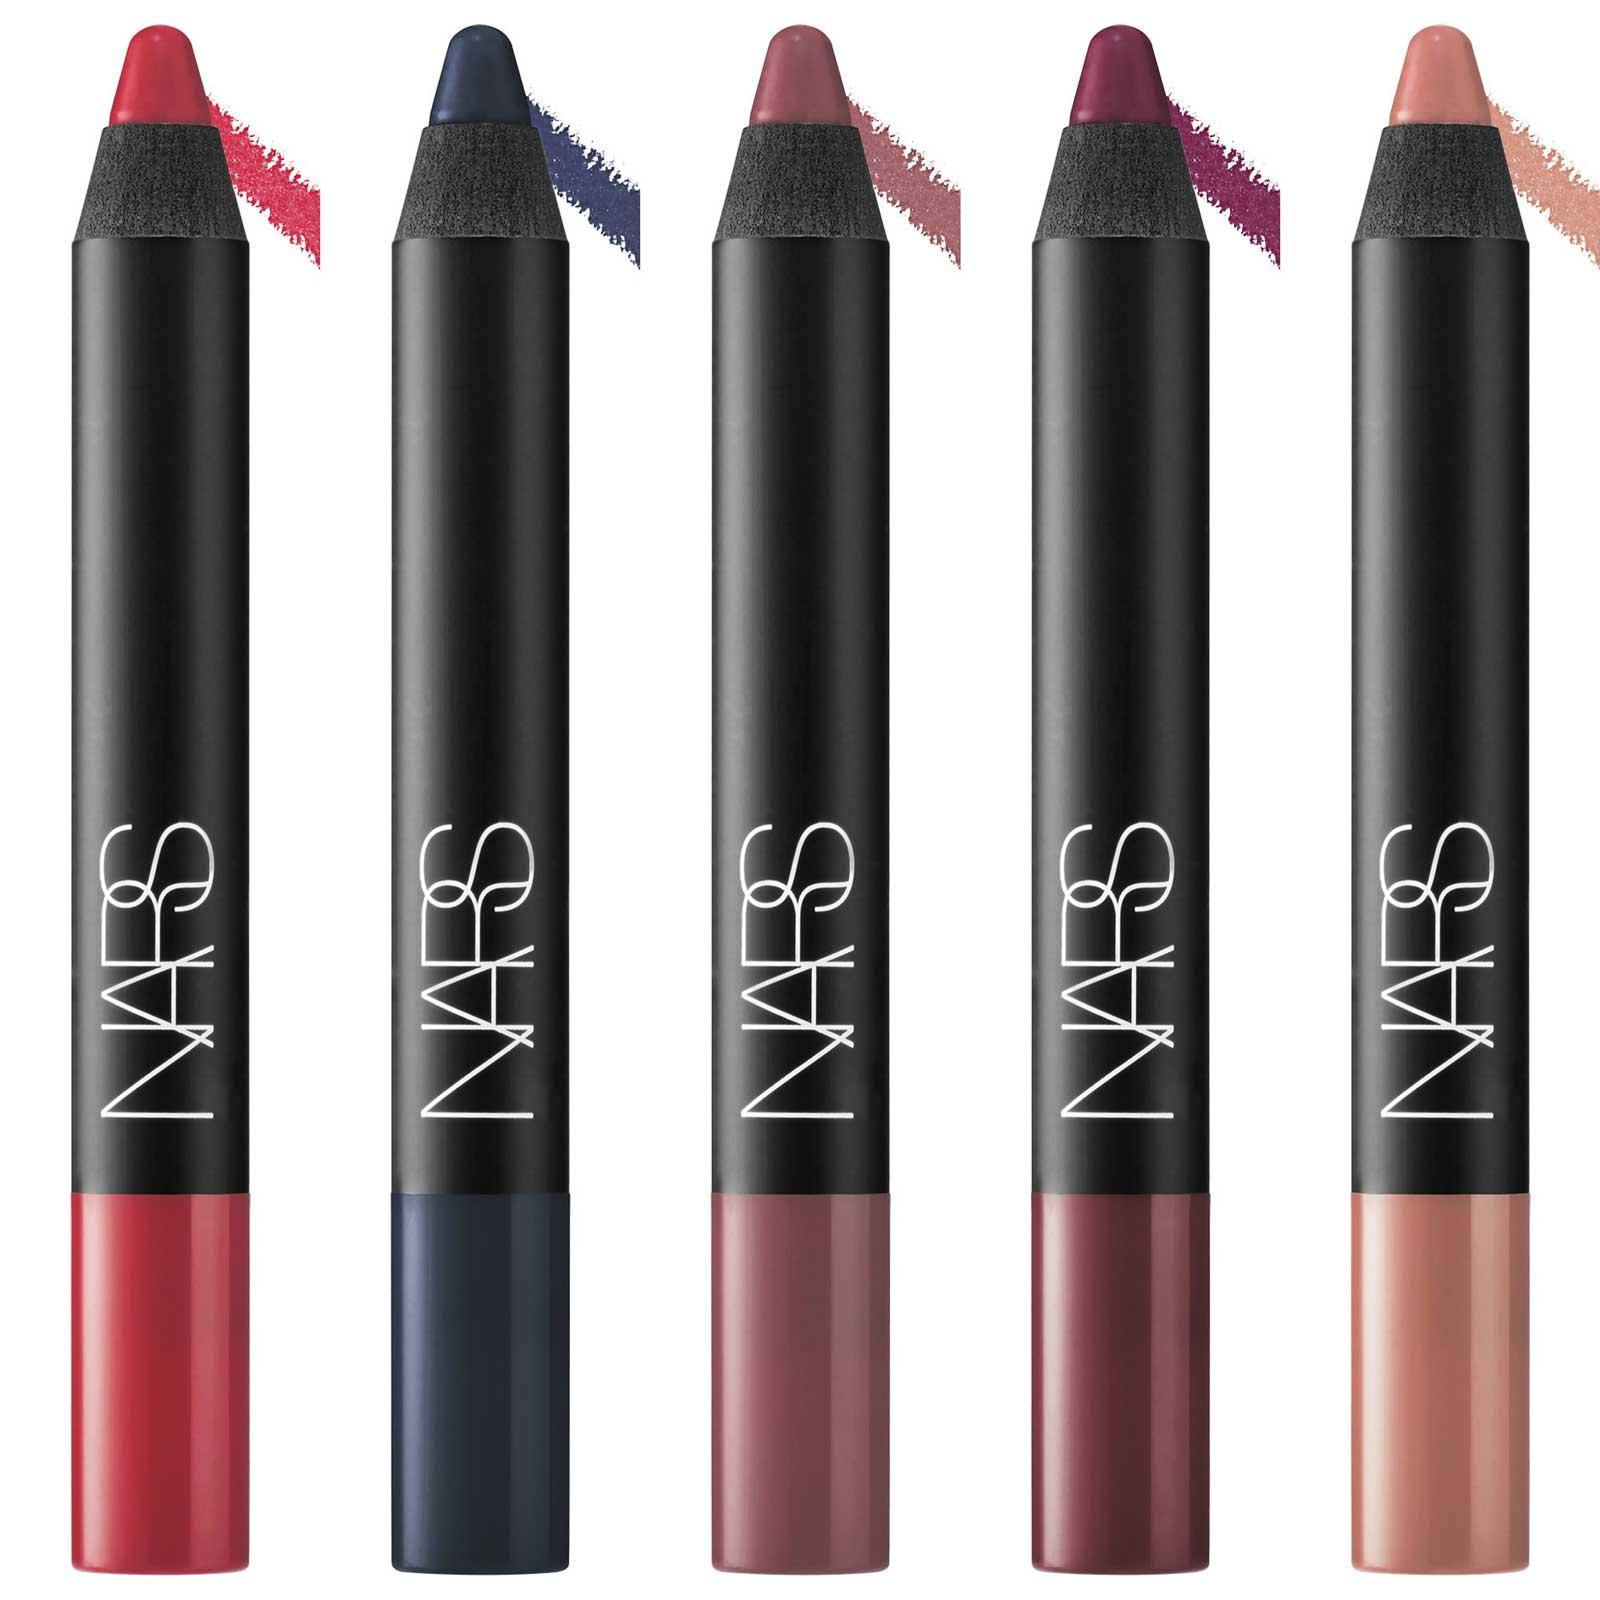 1-nars-velvet-matte-lip-pencil-shade-extension-for-spring-2017